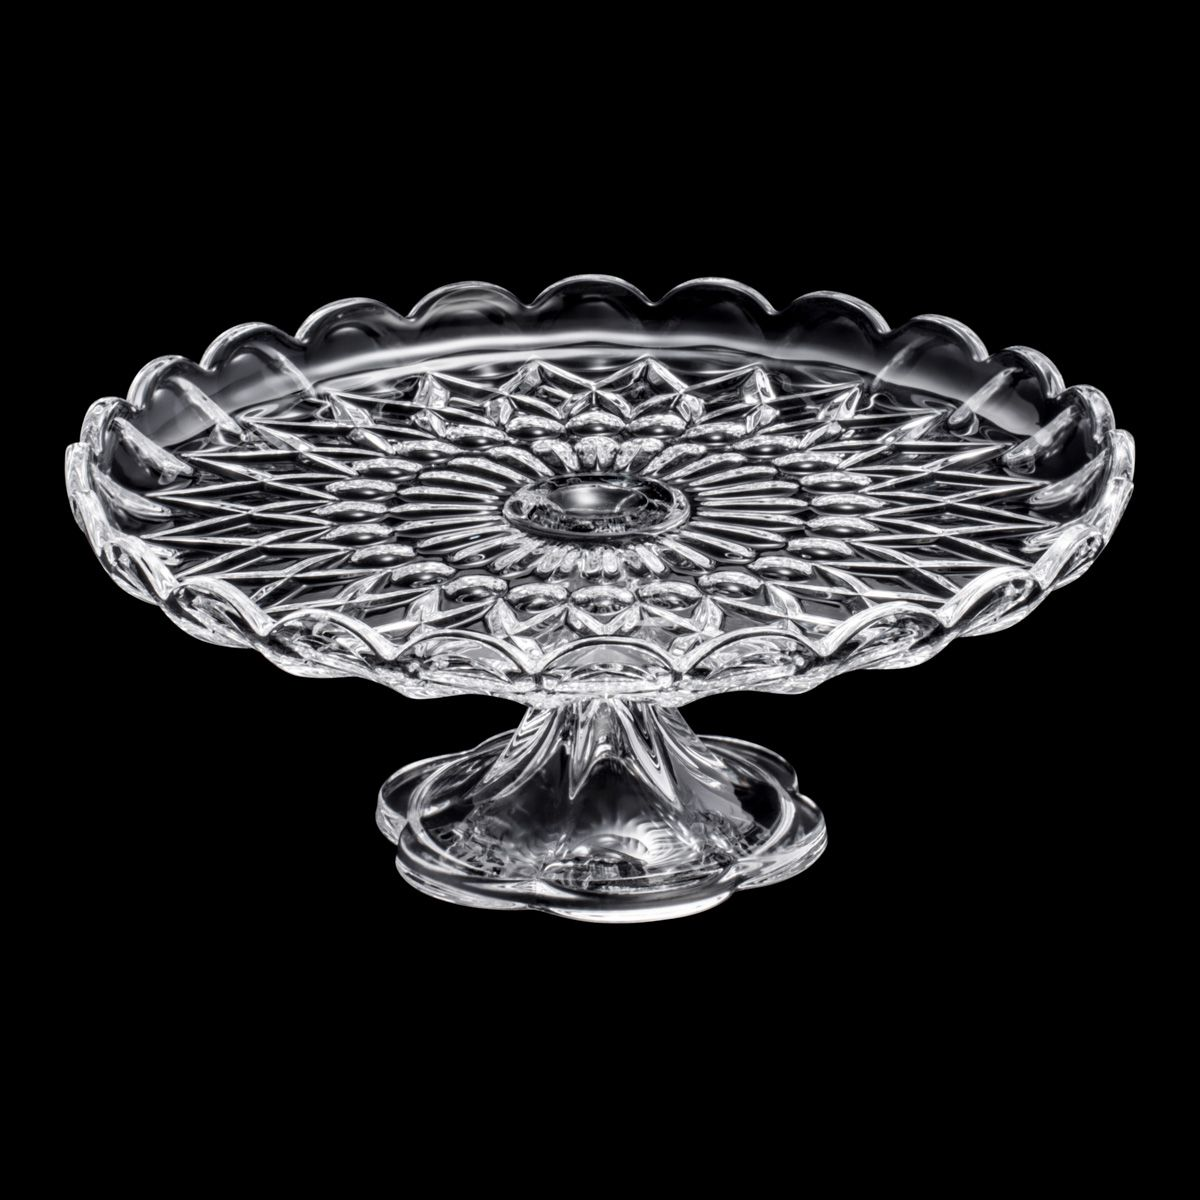 Prato 30 cm para bolo de cristal com pé transparente Angélica Wolff - 25554